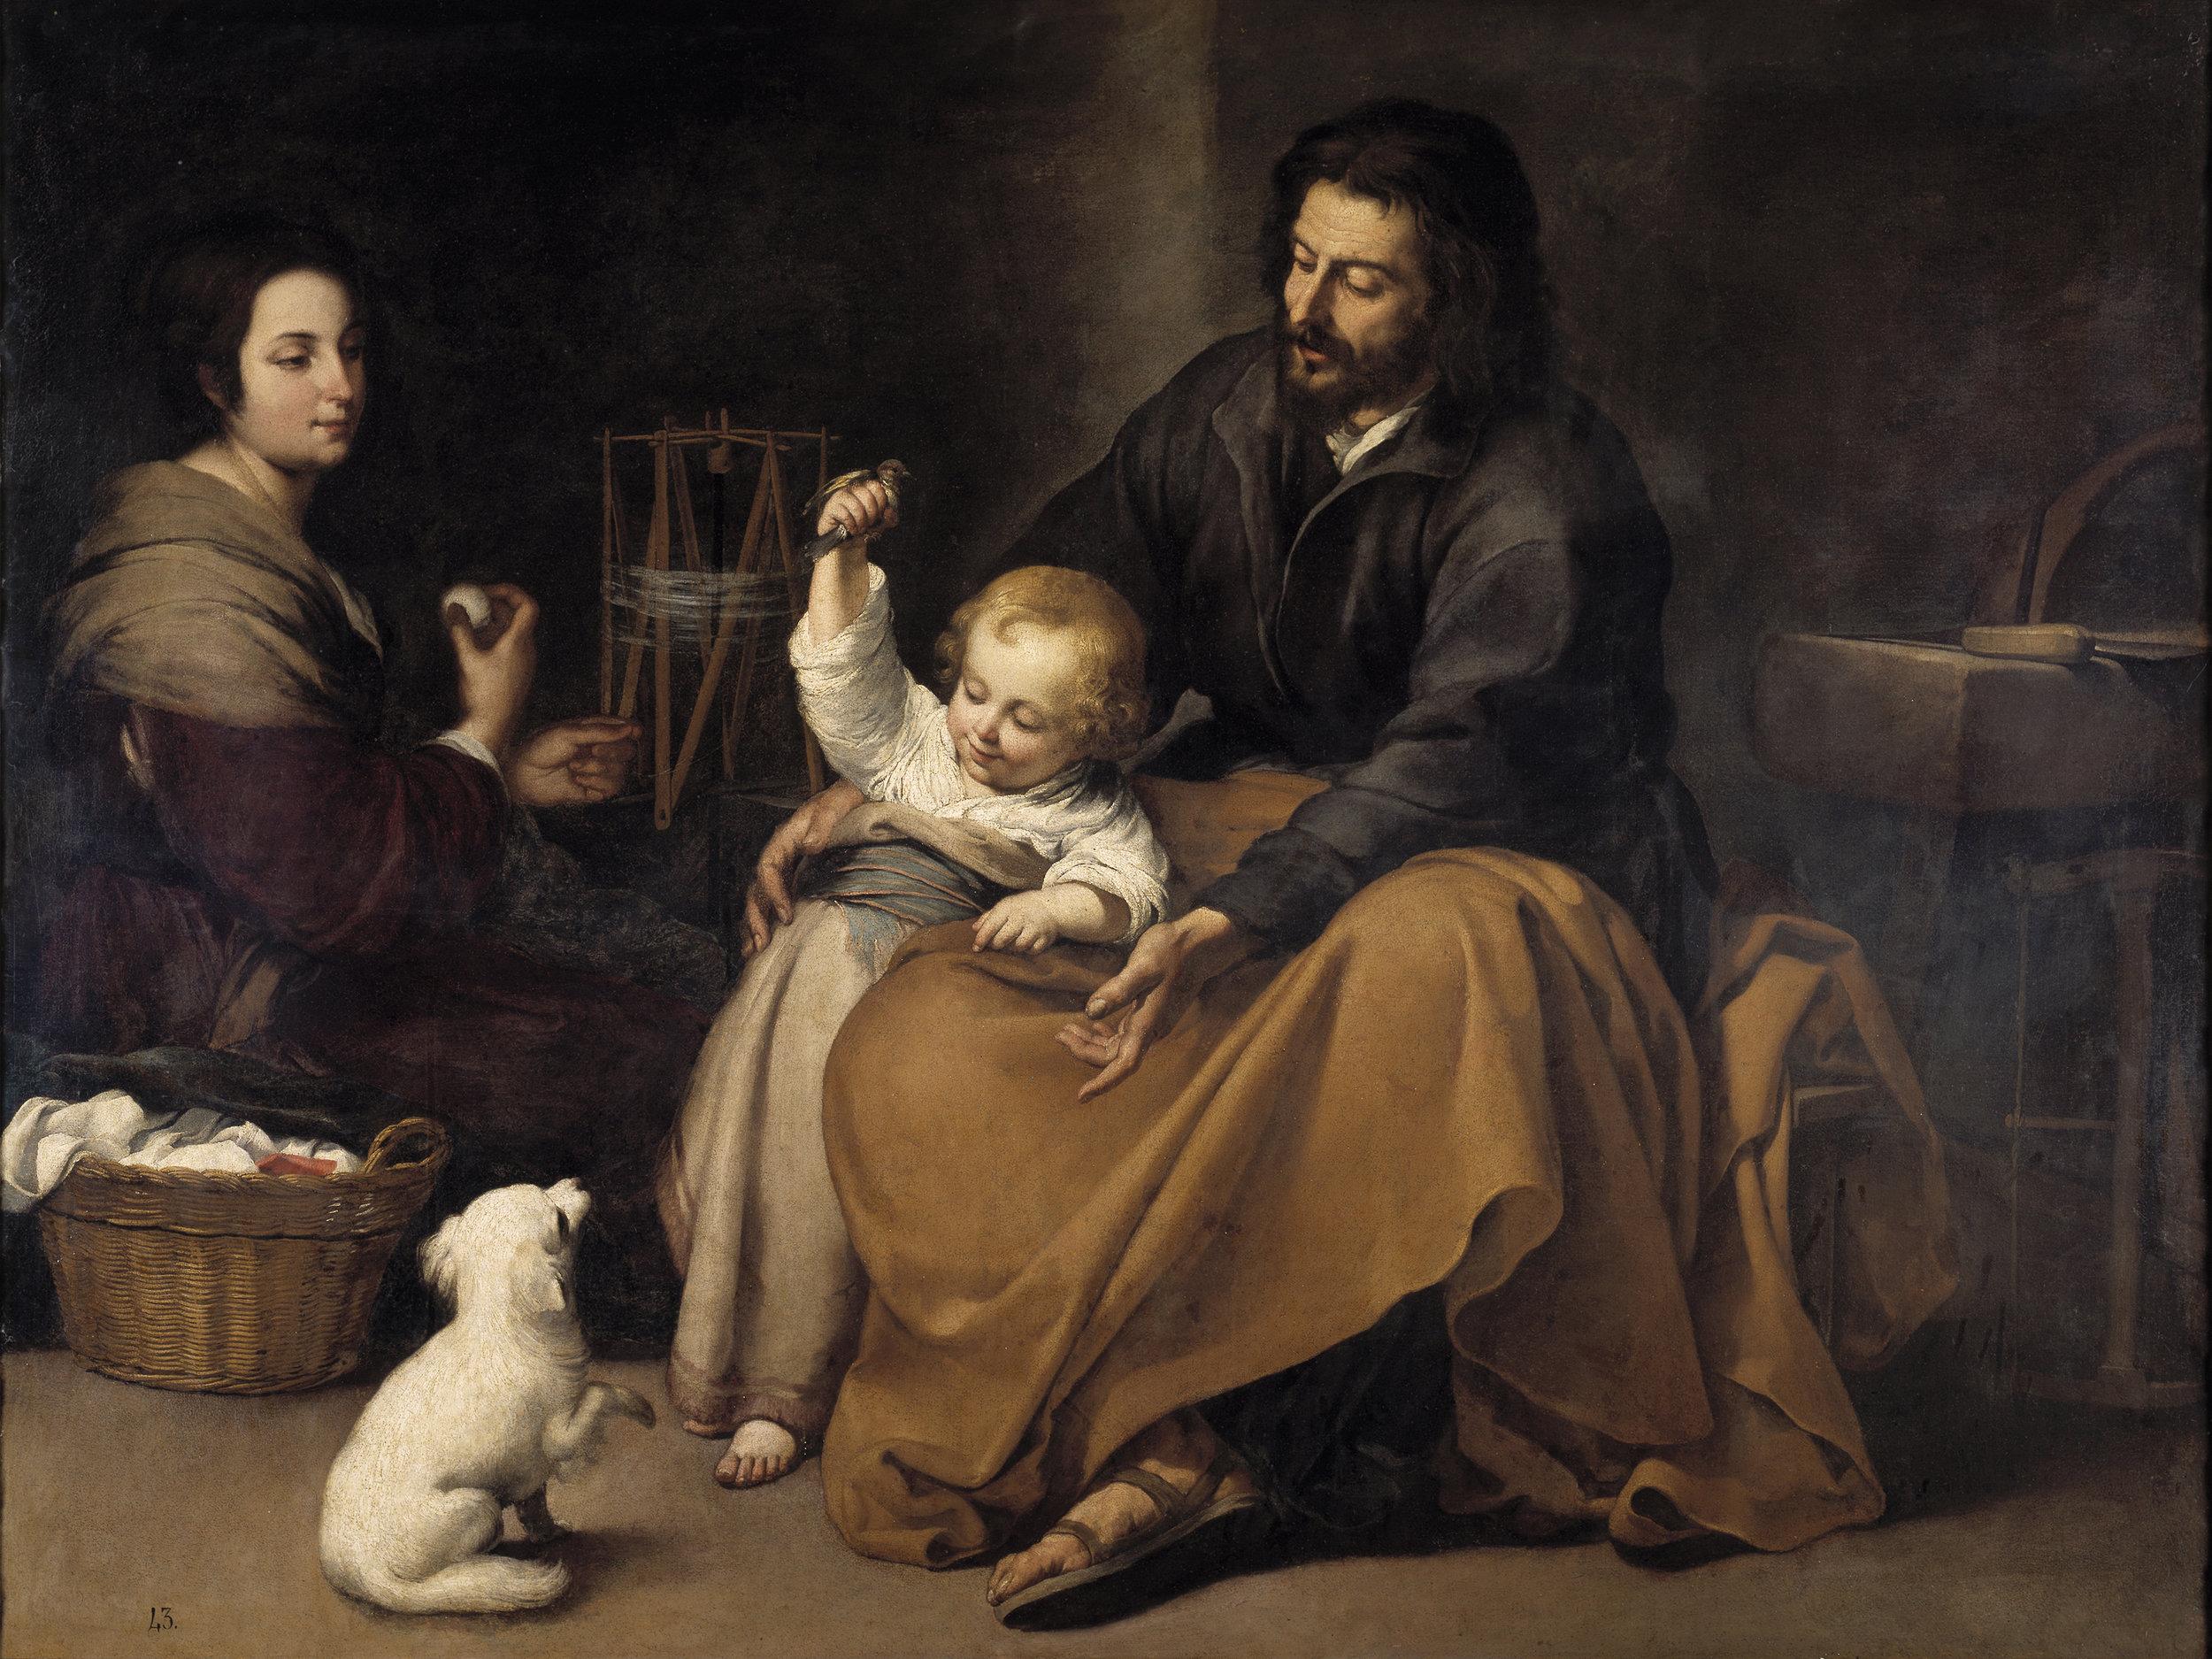 St.-Joseph-–-Murillo-Painting.jpg